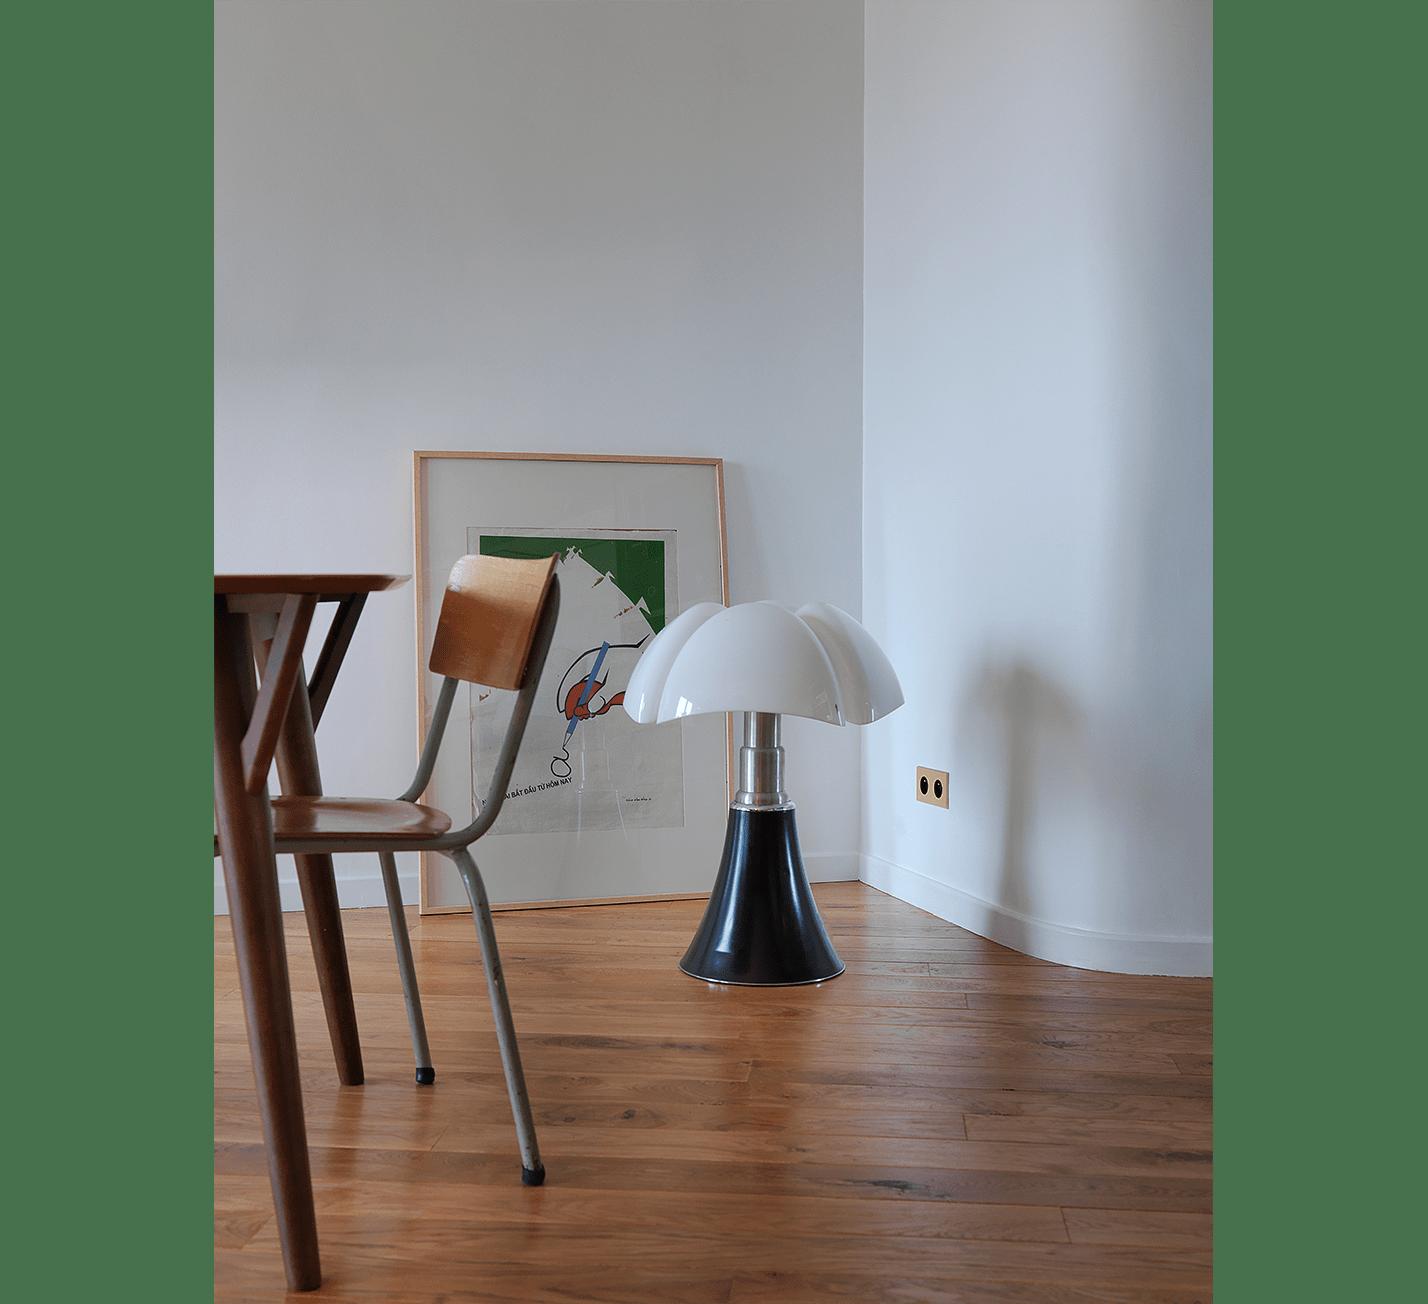 Projet-Est-Atelier-Steve-Pauline-Borgia-Architecture-interieur-06-min